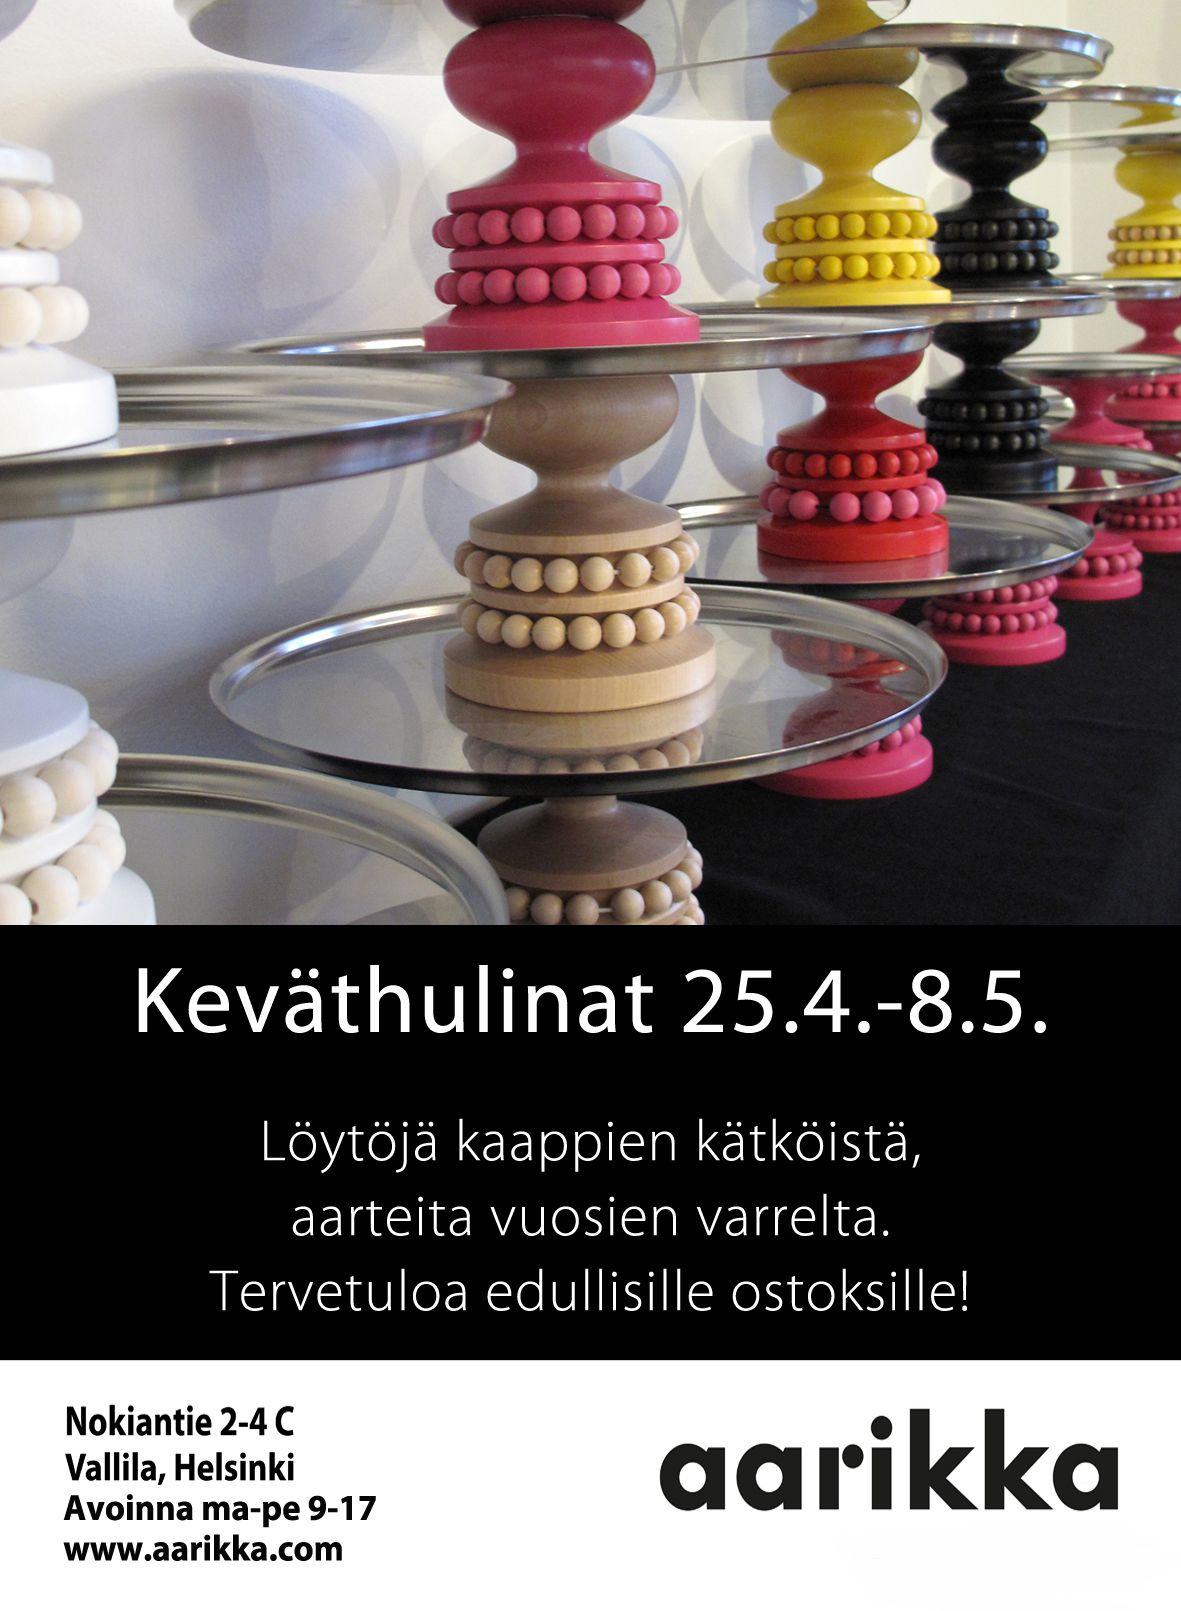 Keväthulinat 25.4.-8.5.2013. Tule tekemään löytöjä. Myynnissä poistotuotteita, II-laatuisia tuotteita ja erikoiseriä.